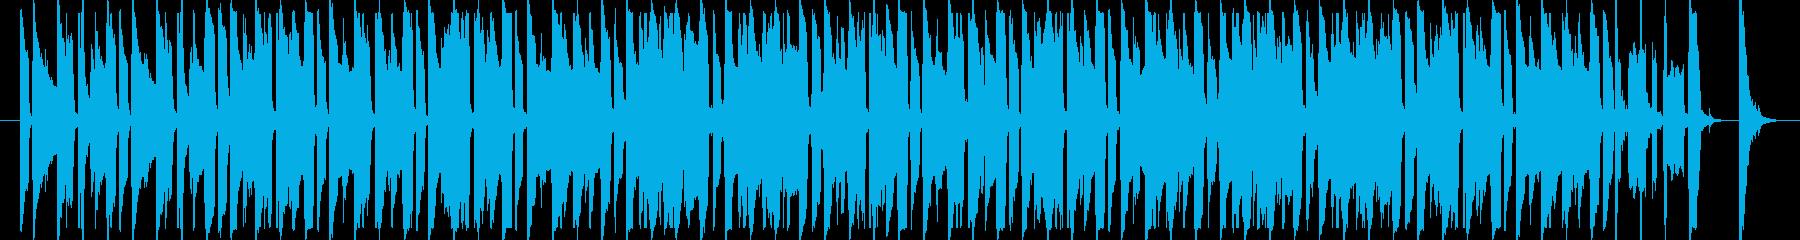 モータウンビートのウキウキBGMの再生済みの波形